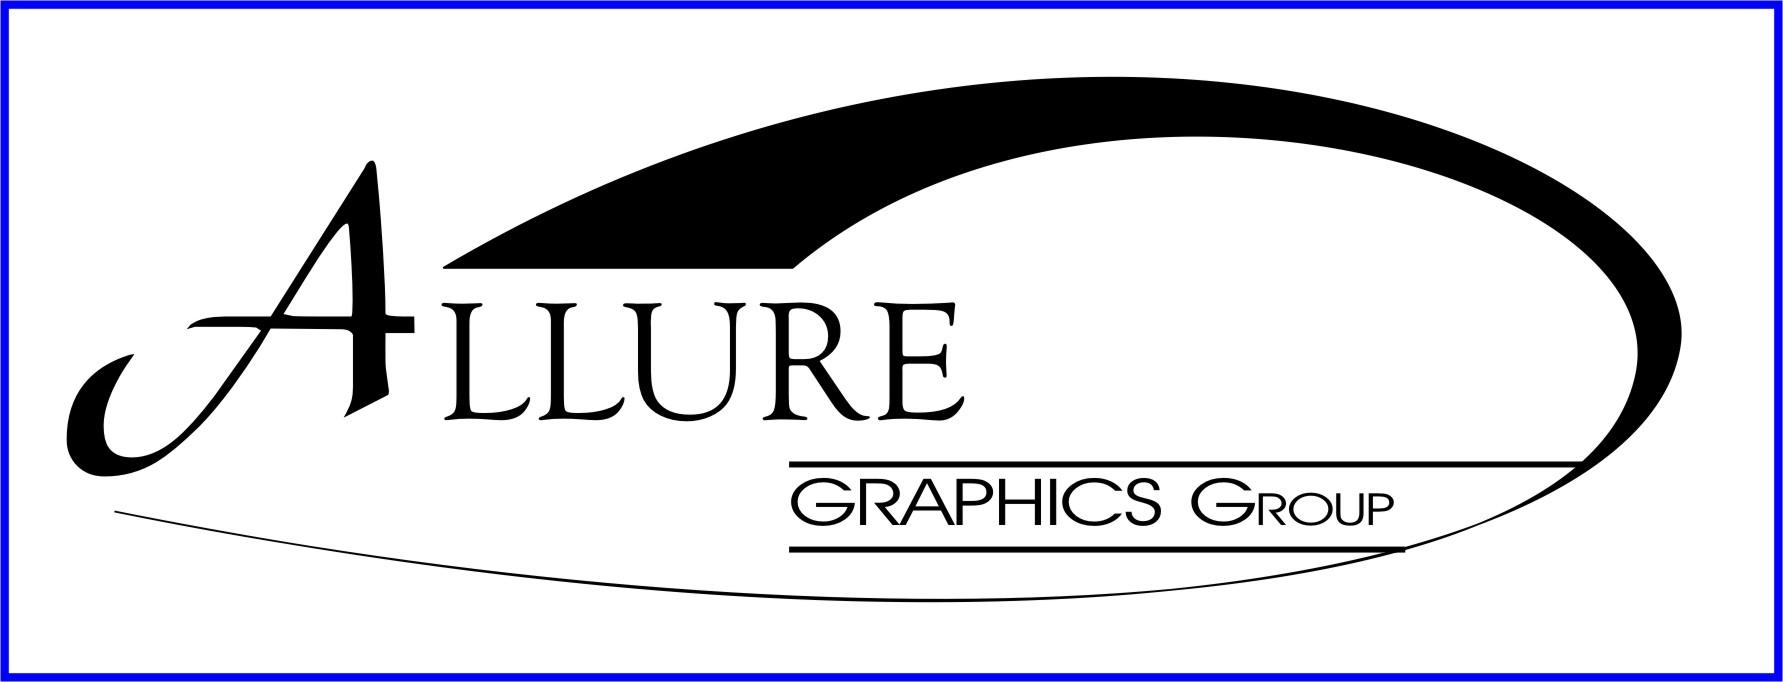 new_logo_square.JPG